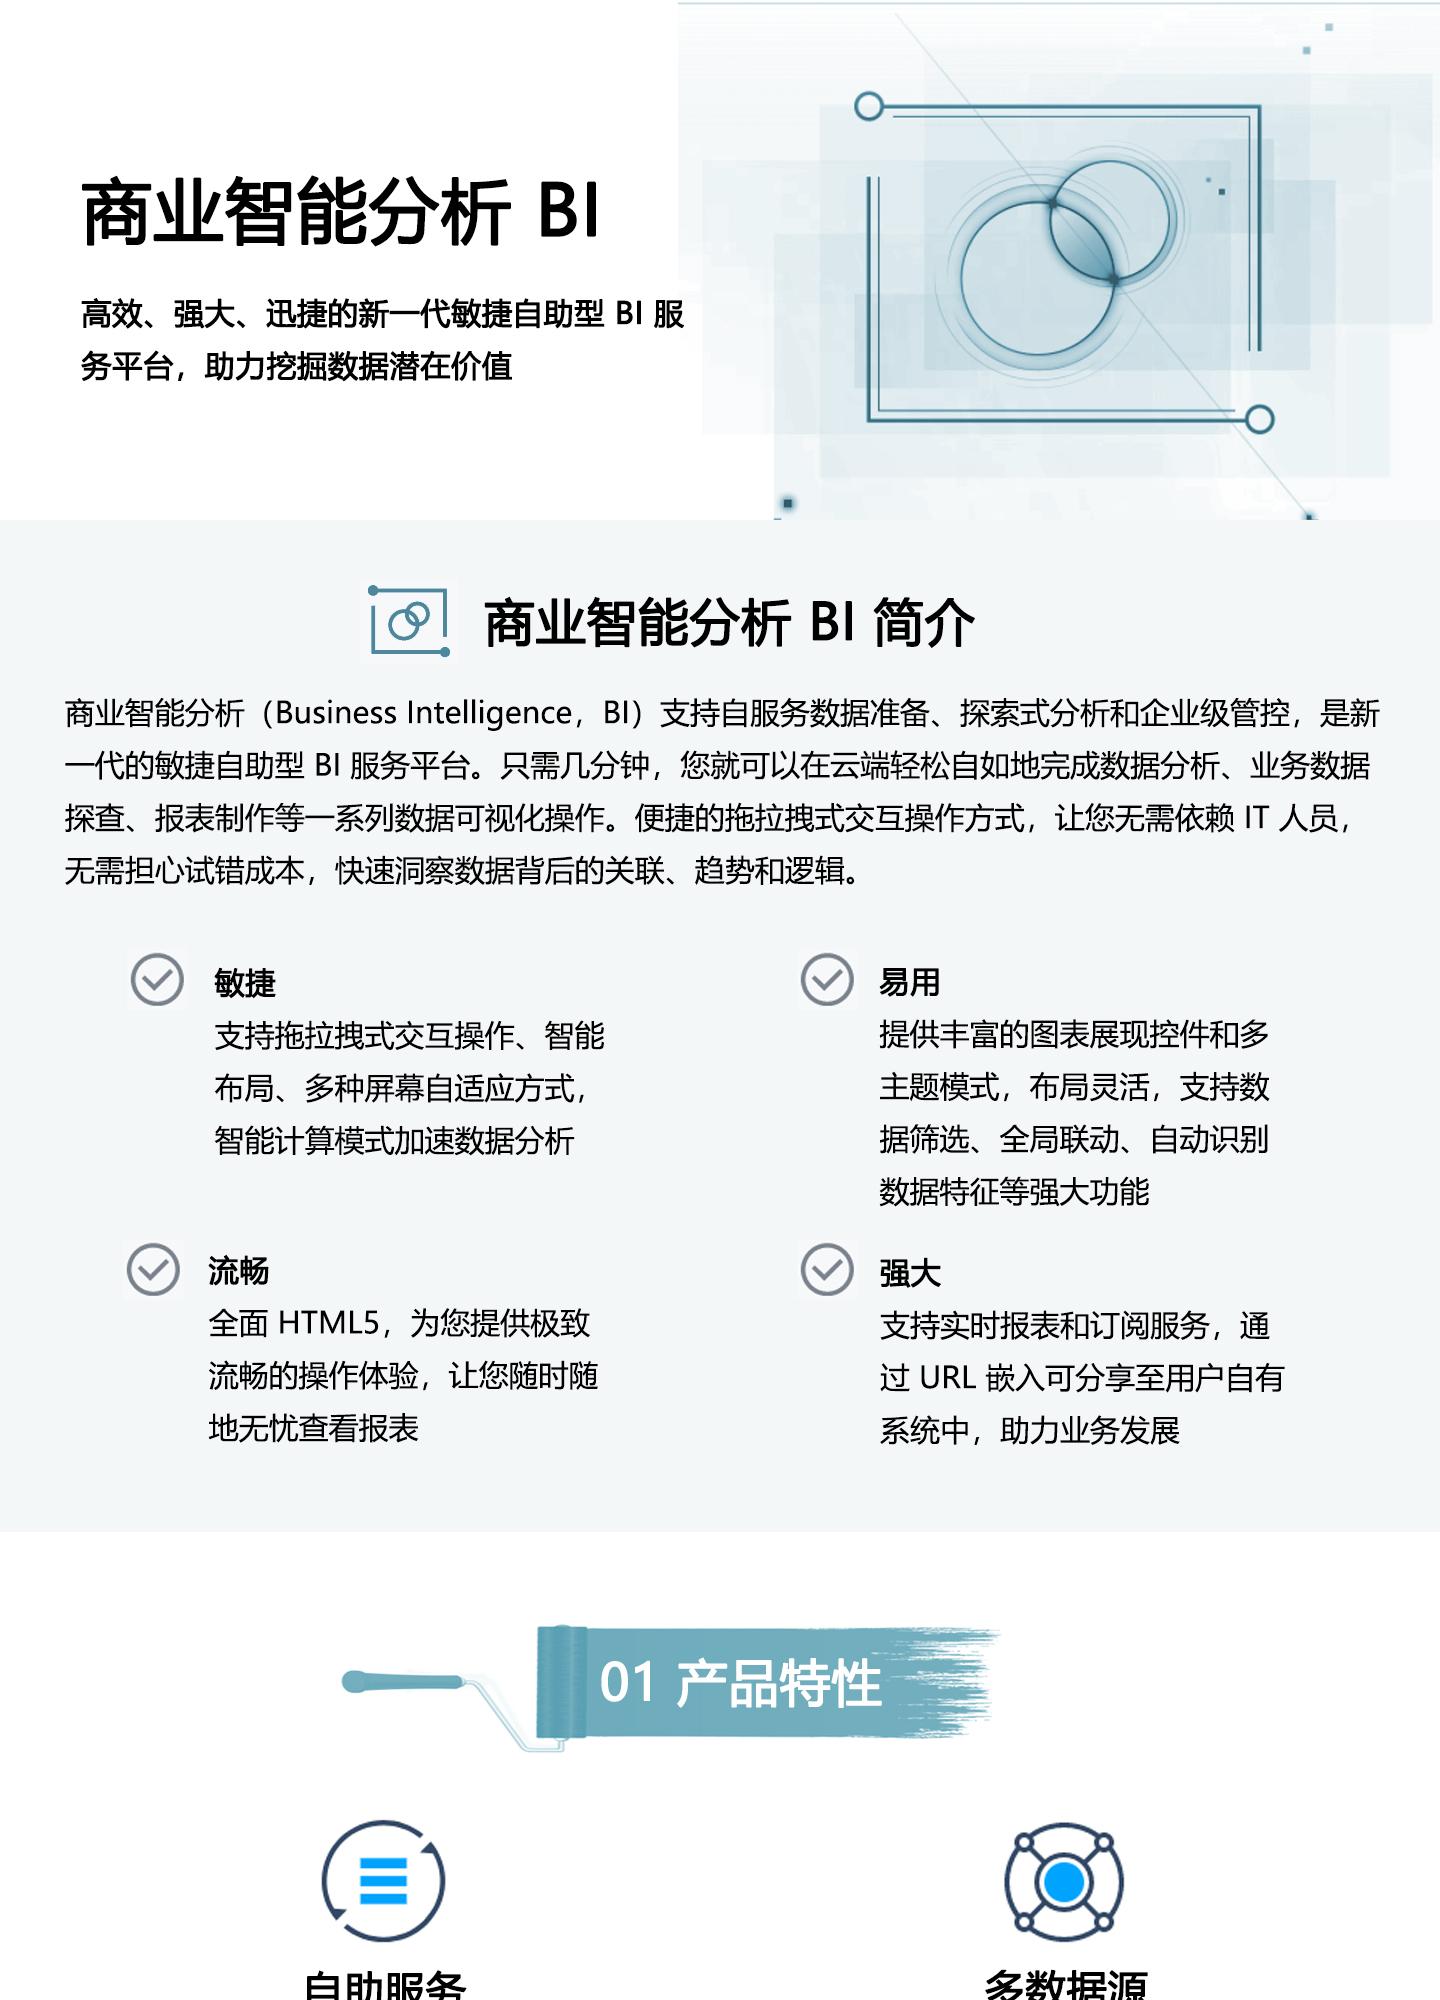 商业智能分析-BI1440_01.jpg